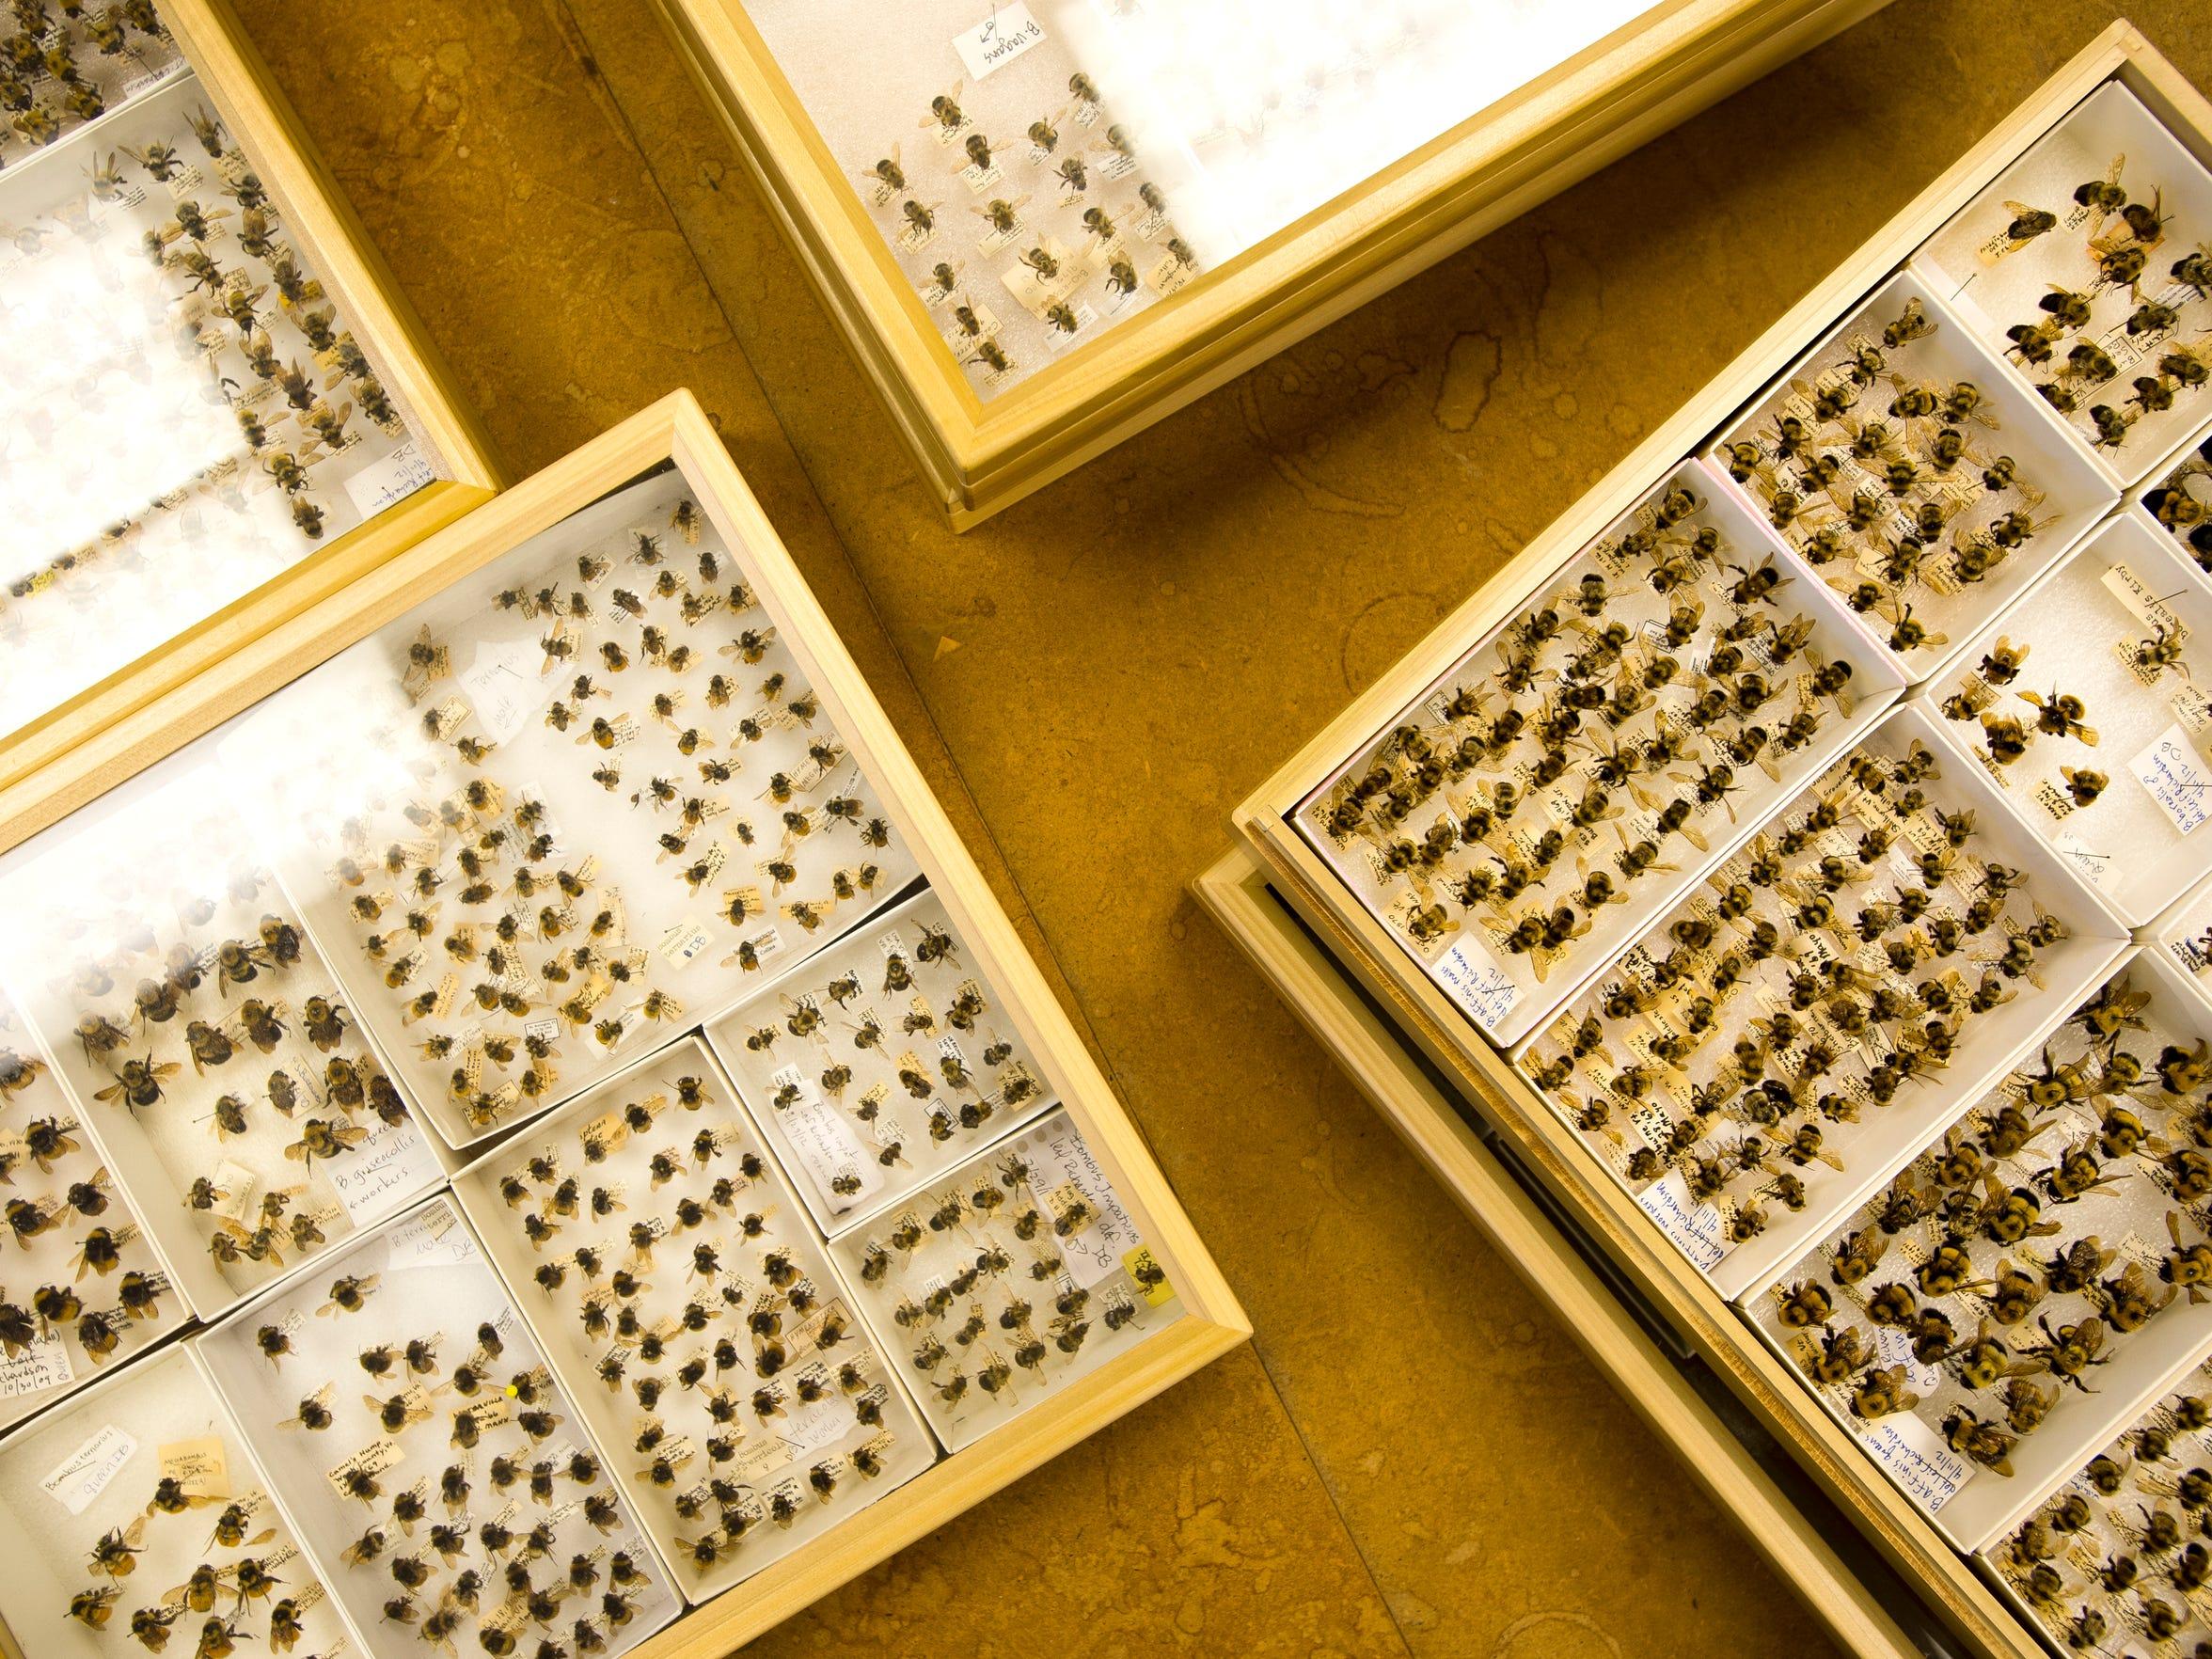 BUR 0826 bees 3.jpg